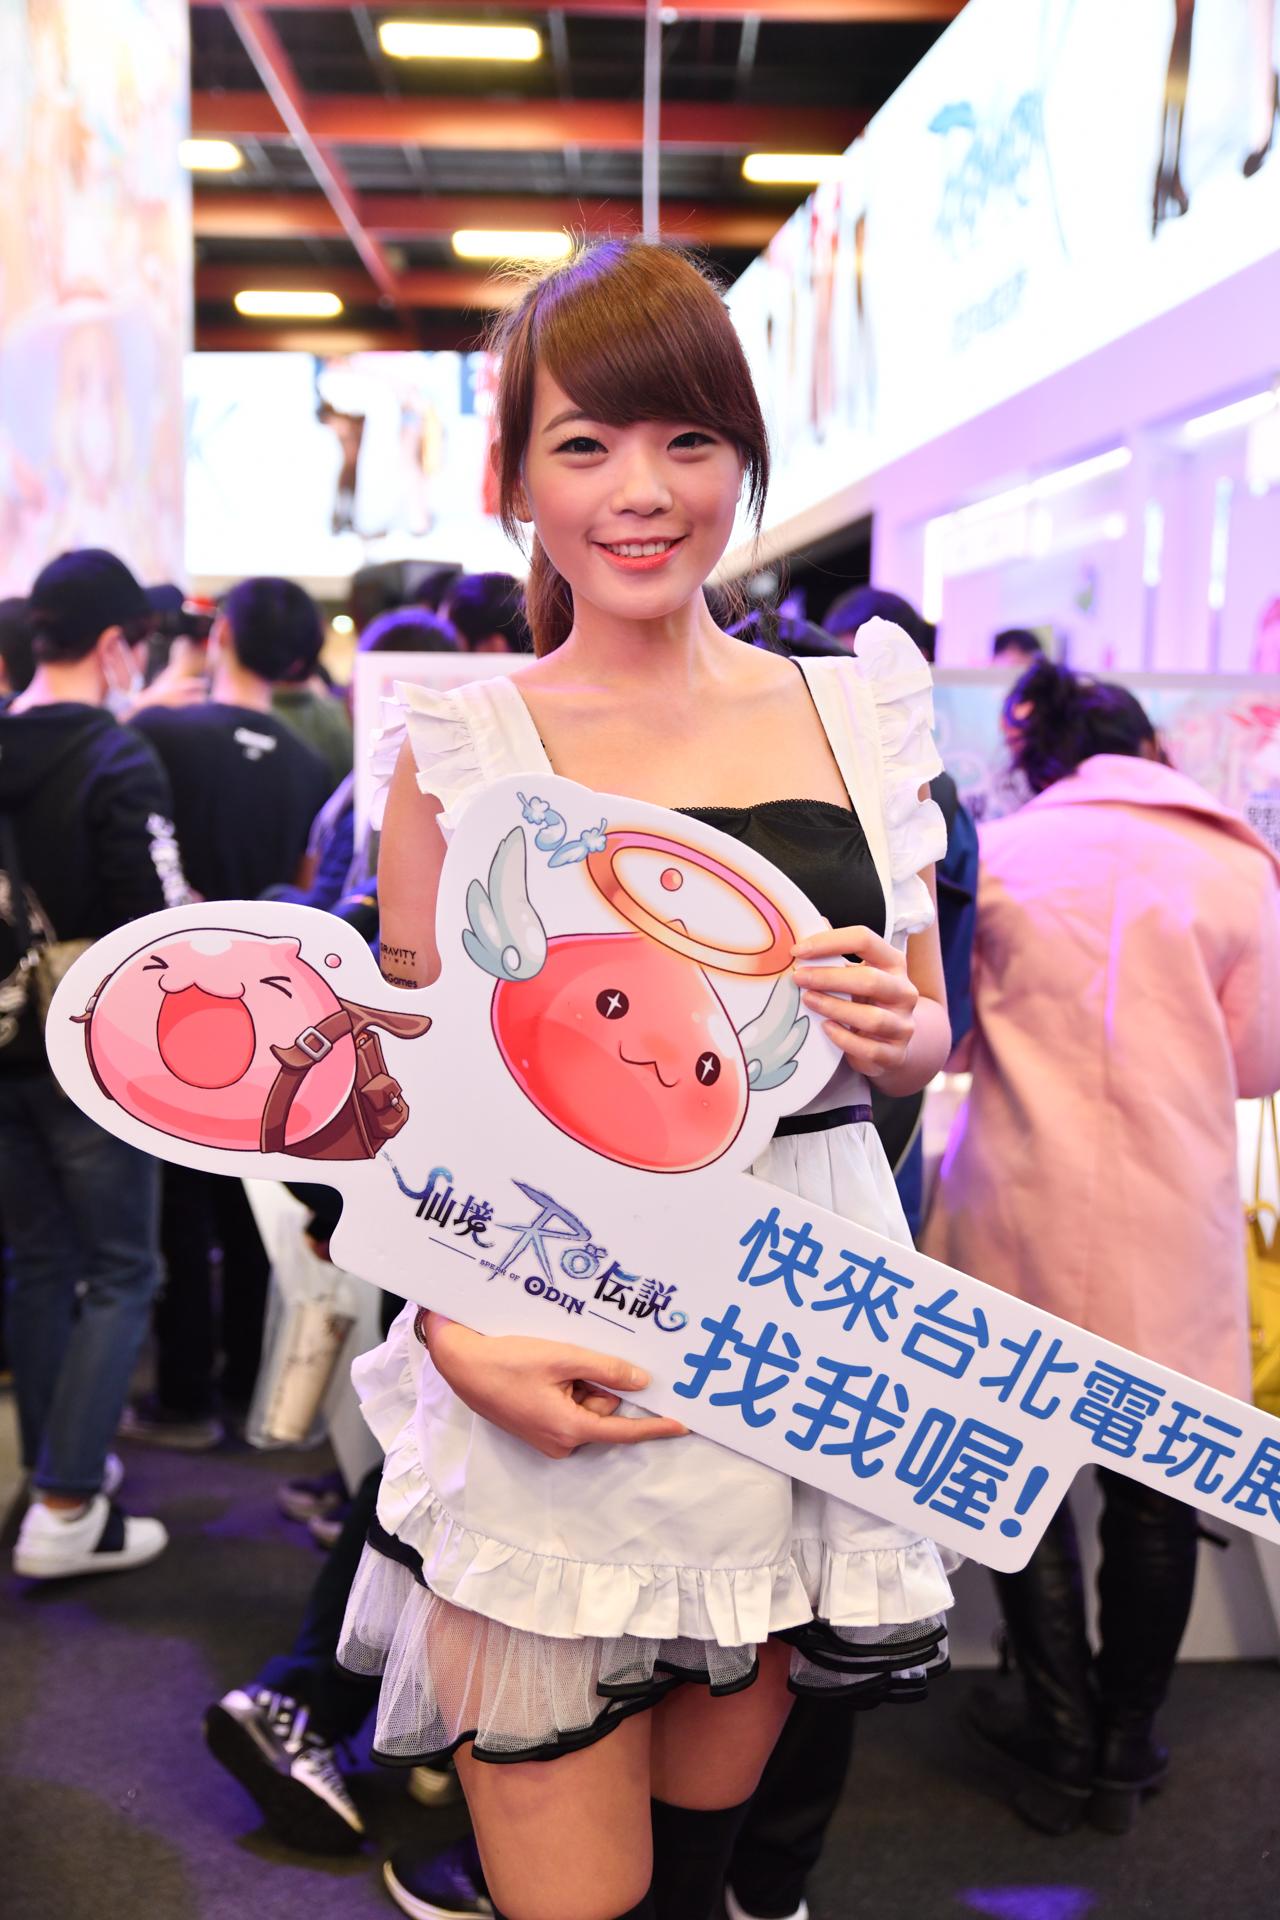 2018 台北國際電玩展Taipei Game Show Nikon D850 SP 24-70mm F/2.8 Di VC USD G2